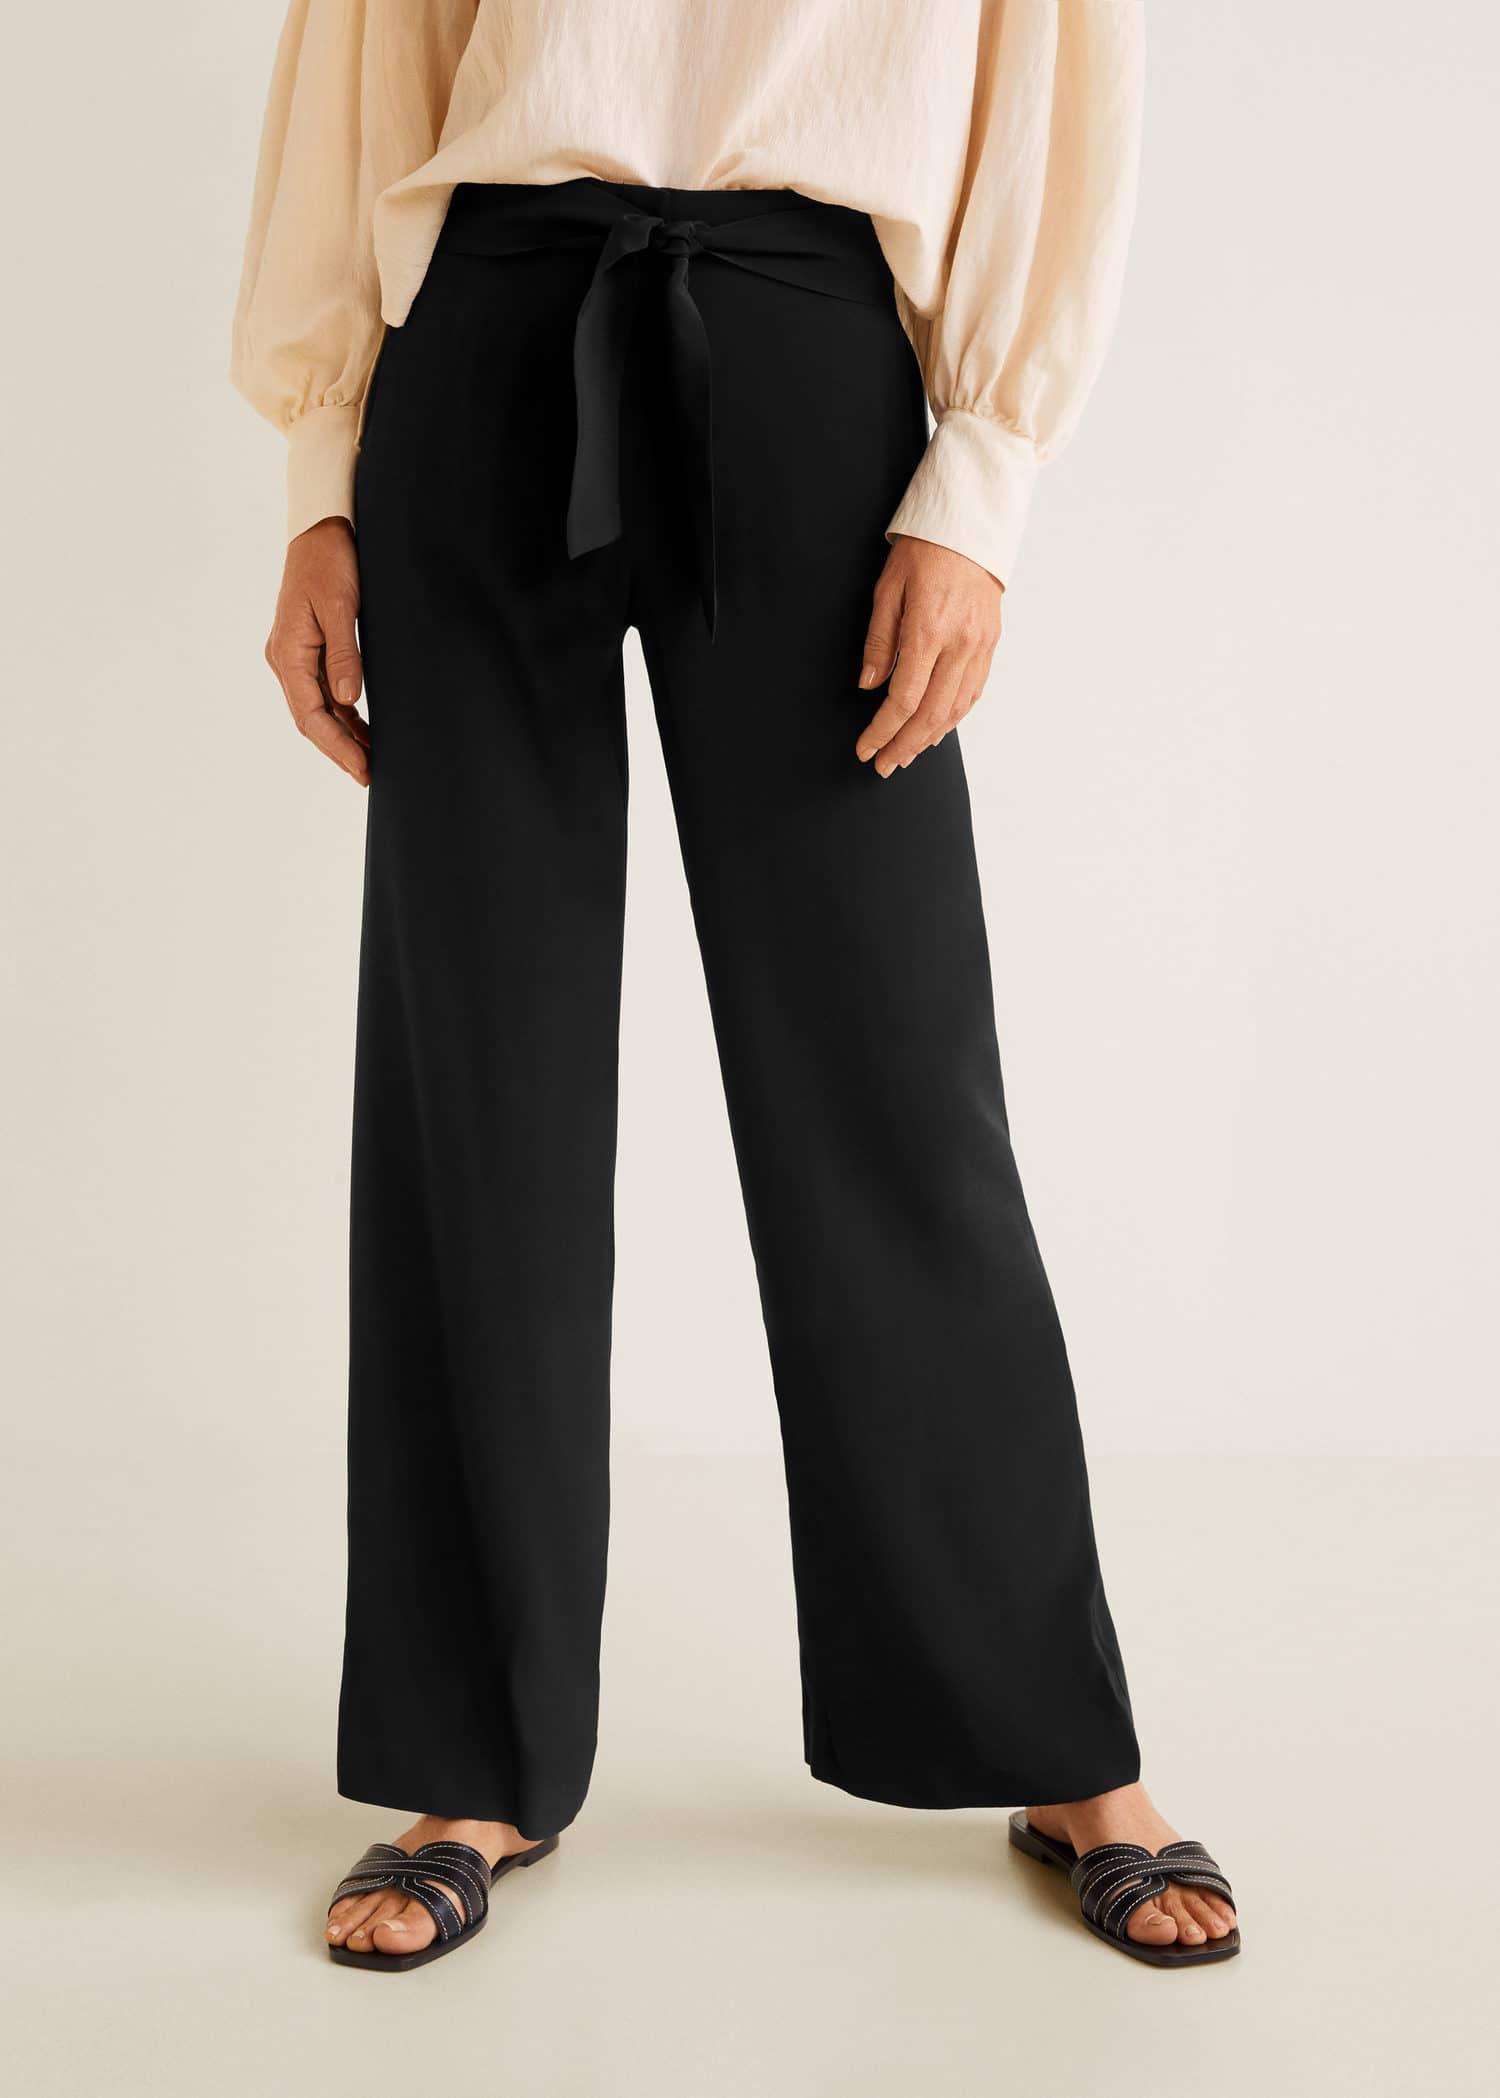 Pantalons bootcut femme fluide MANGO comparez et achetez